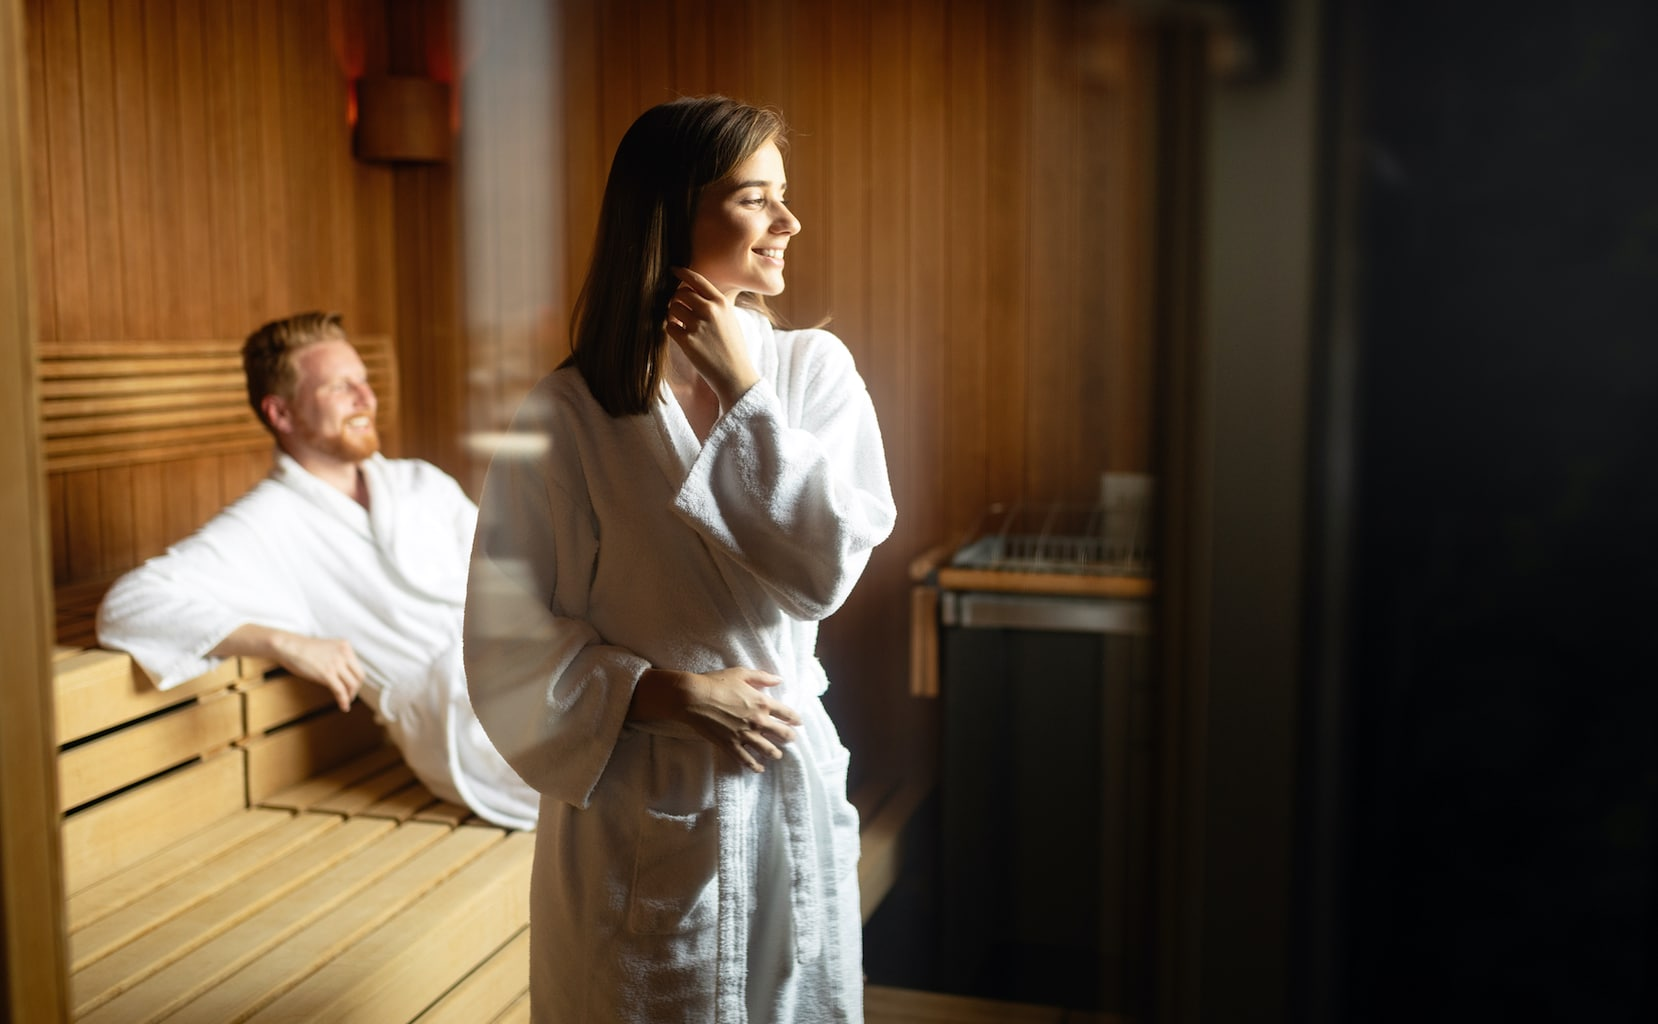 Een stel vermaakt zich in een Duitse sauna keurig gekleed in badjassen